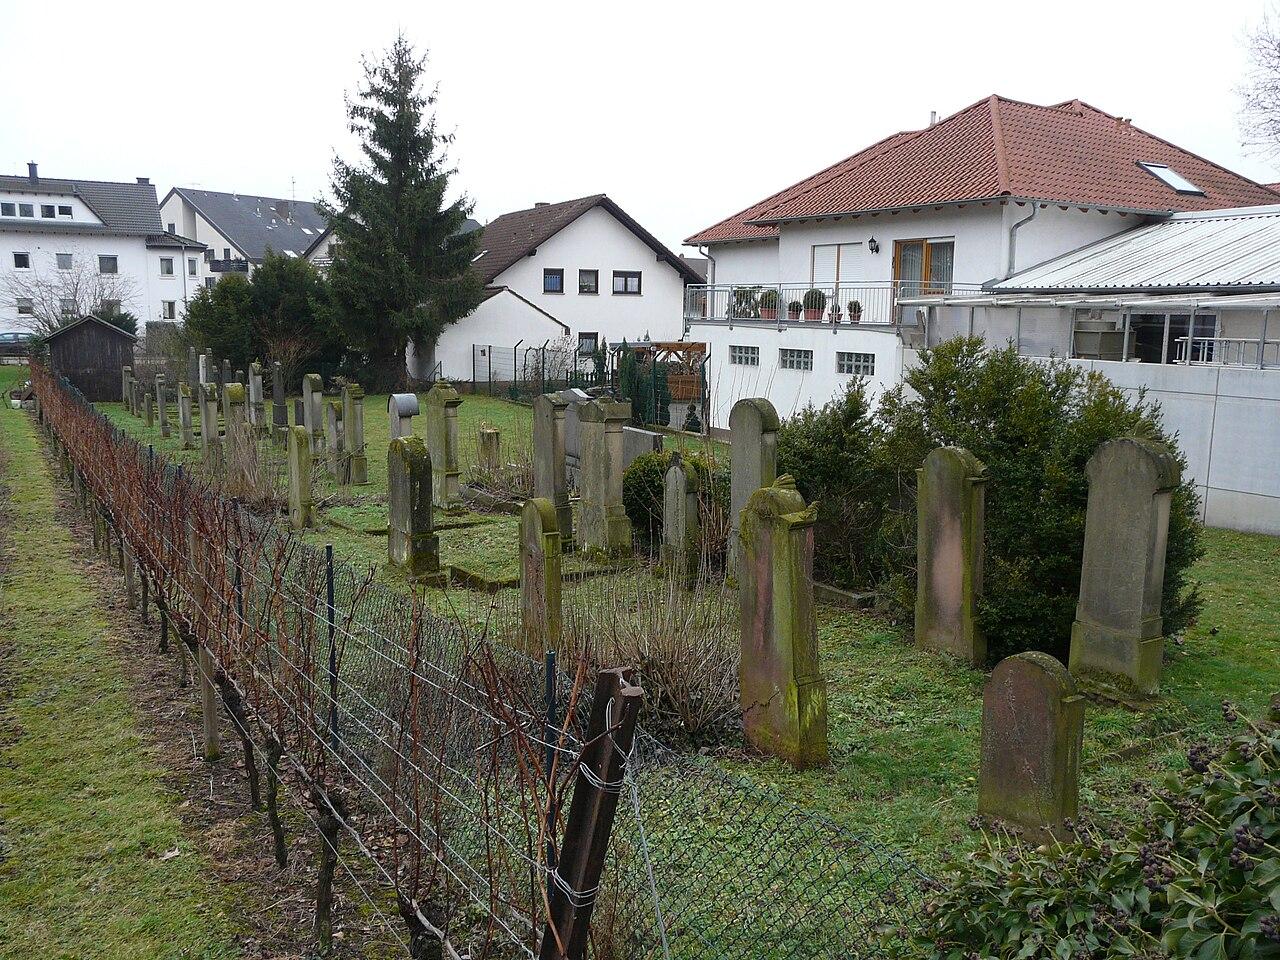 Juedischer Friedhof Schriesheim 11 fcm.jpg